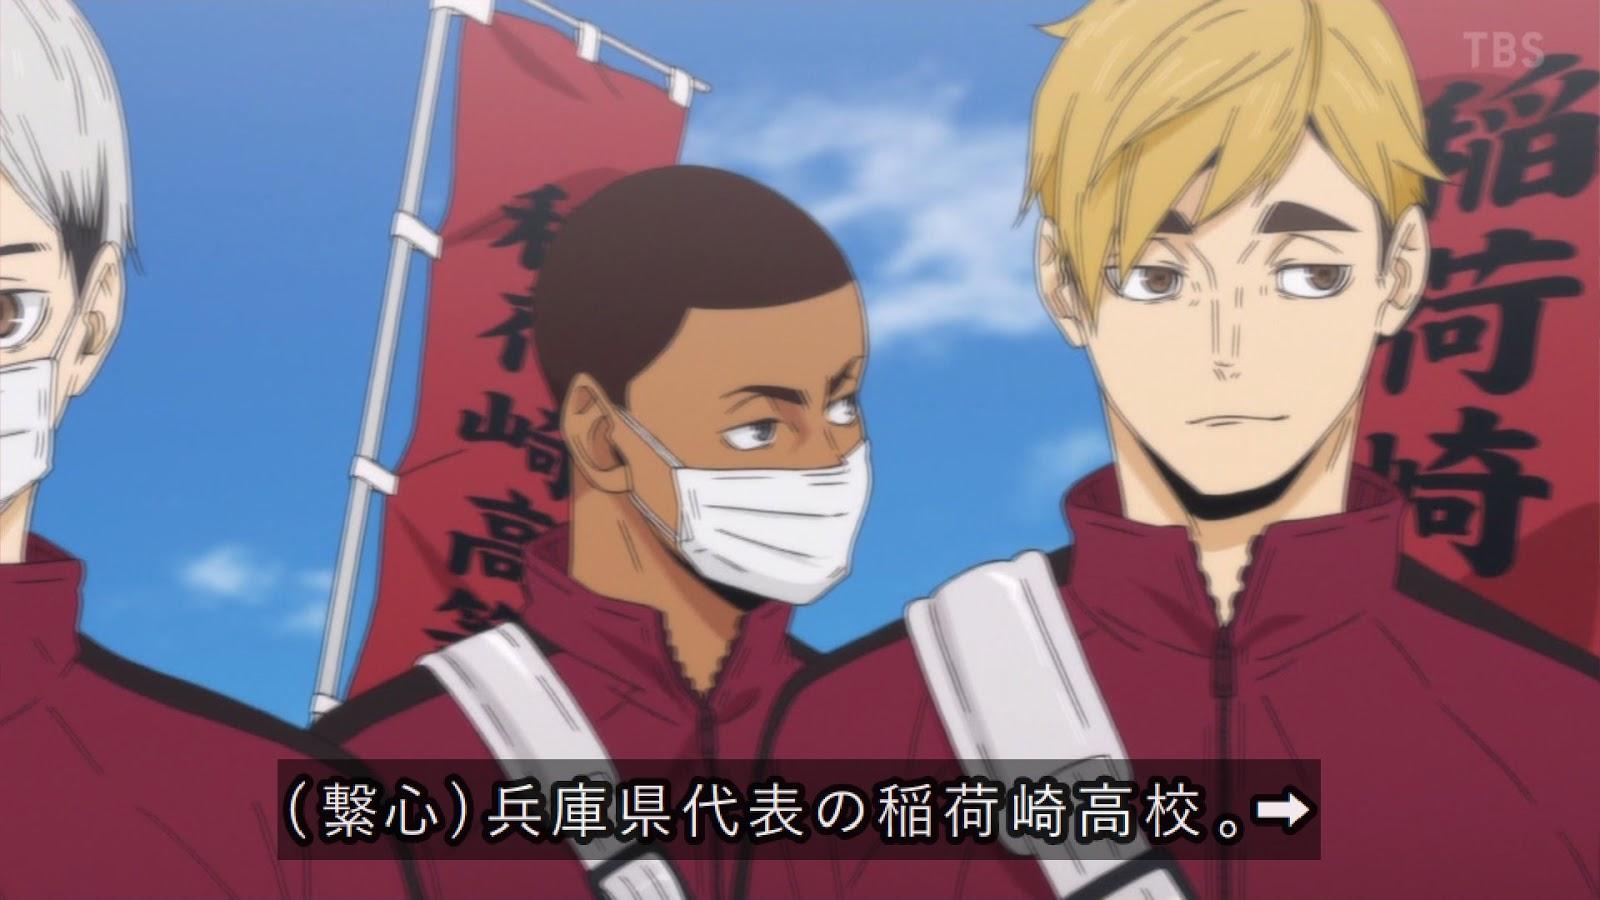 Haikyuu!! Season 4 - Episode 13